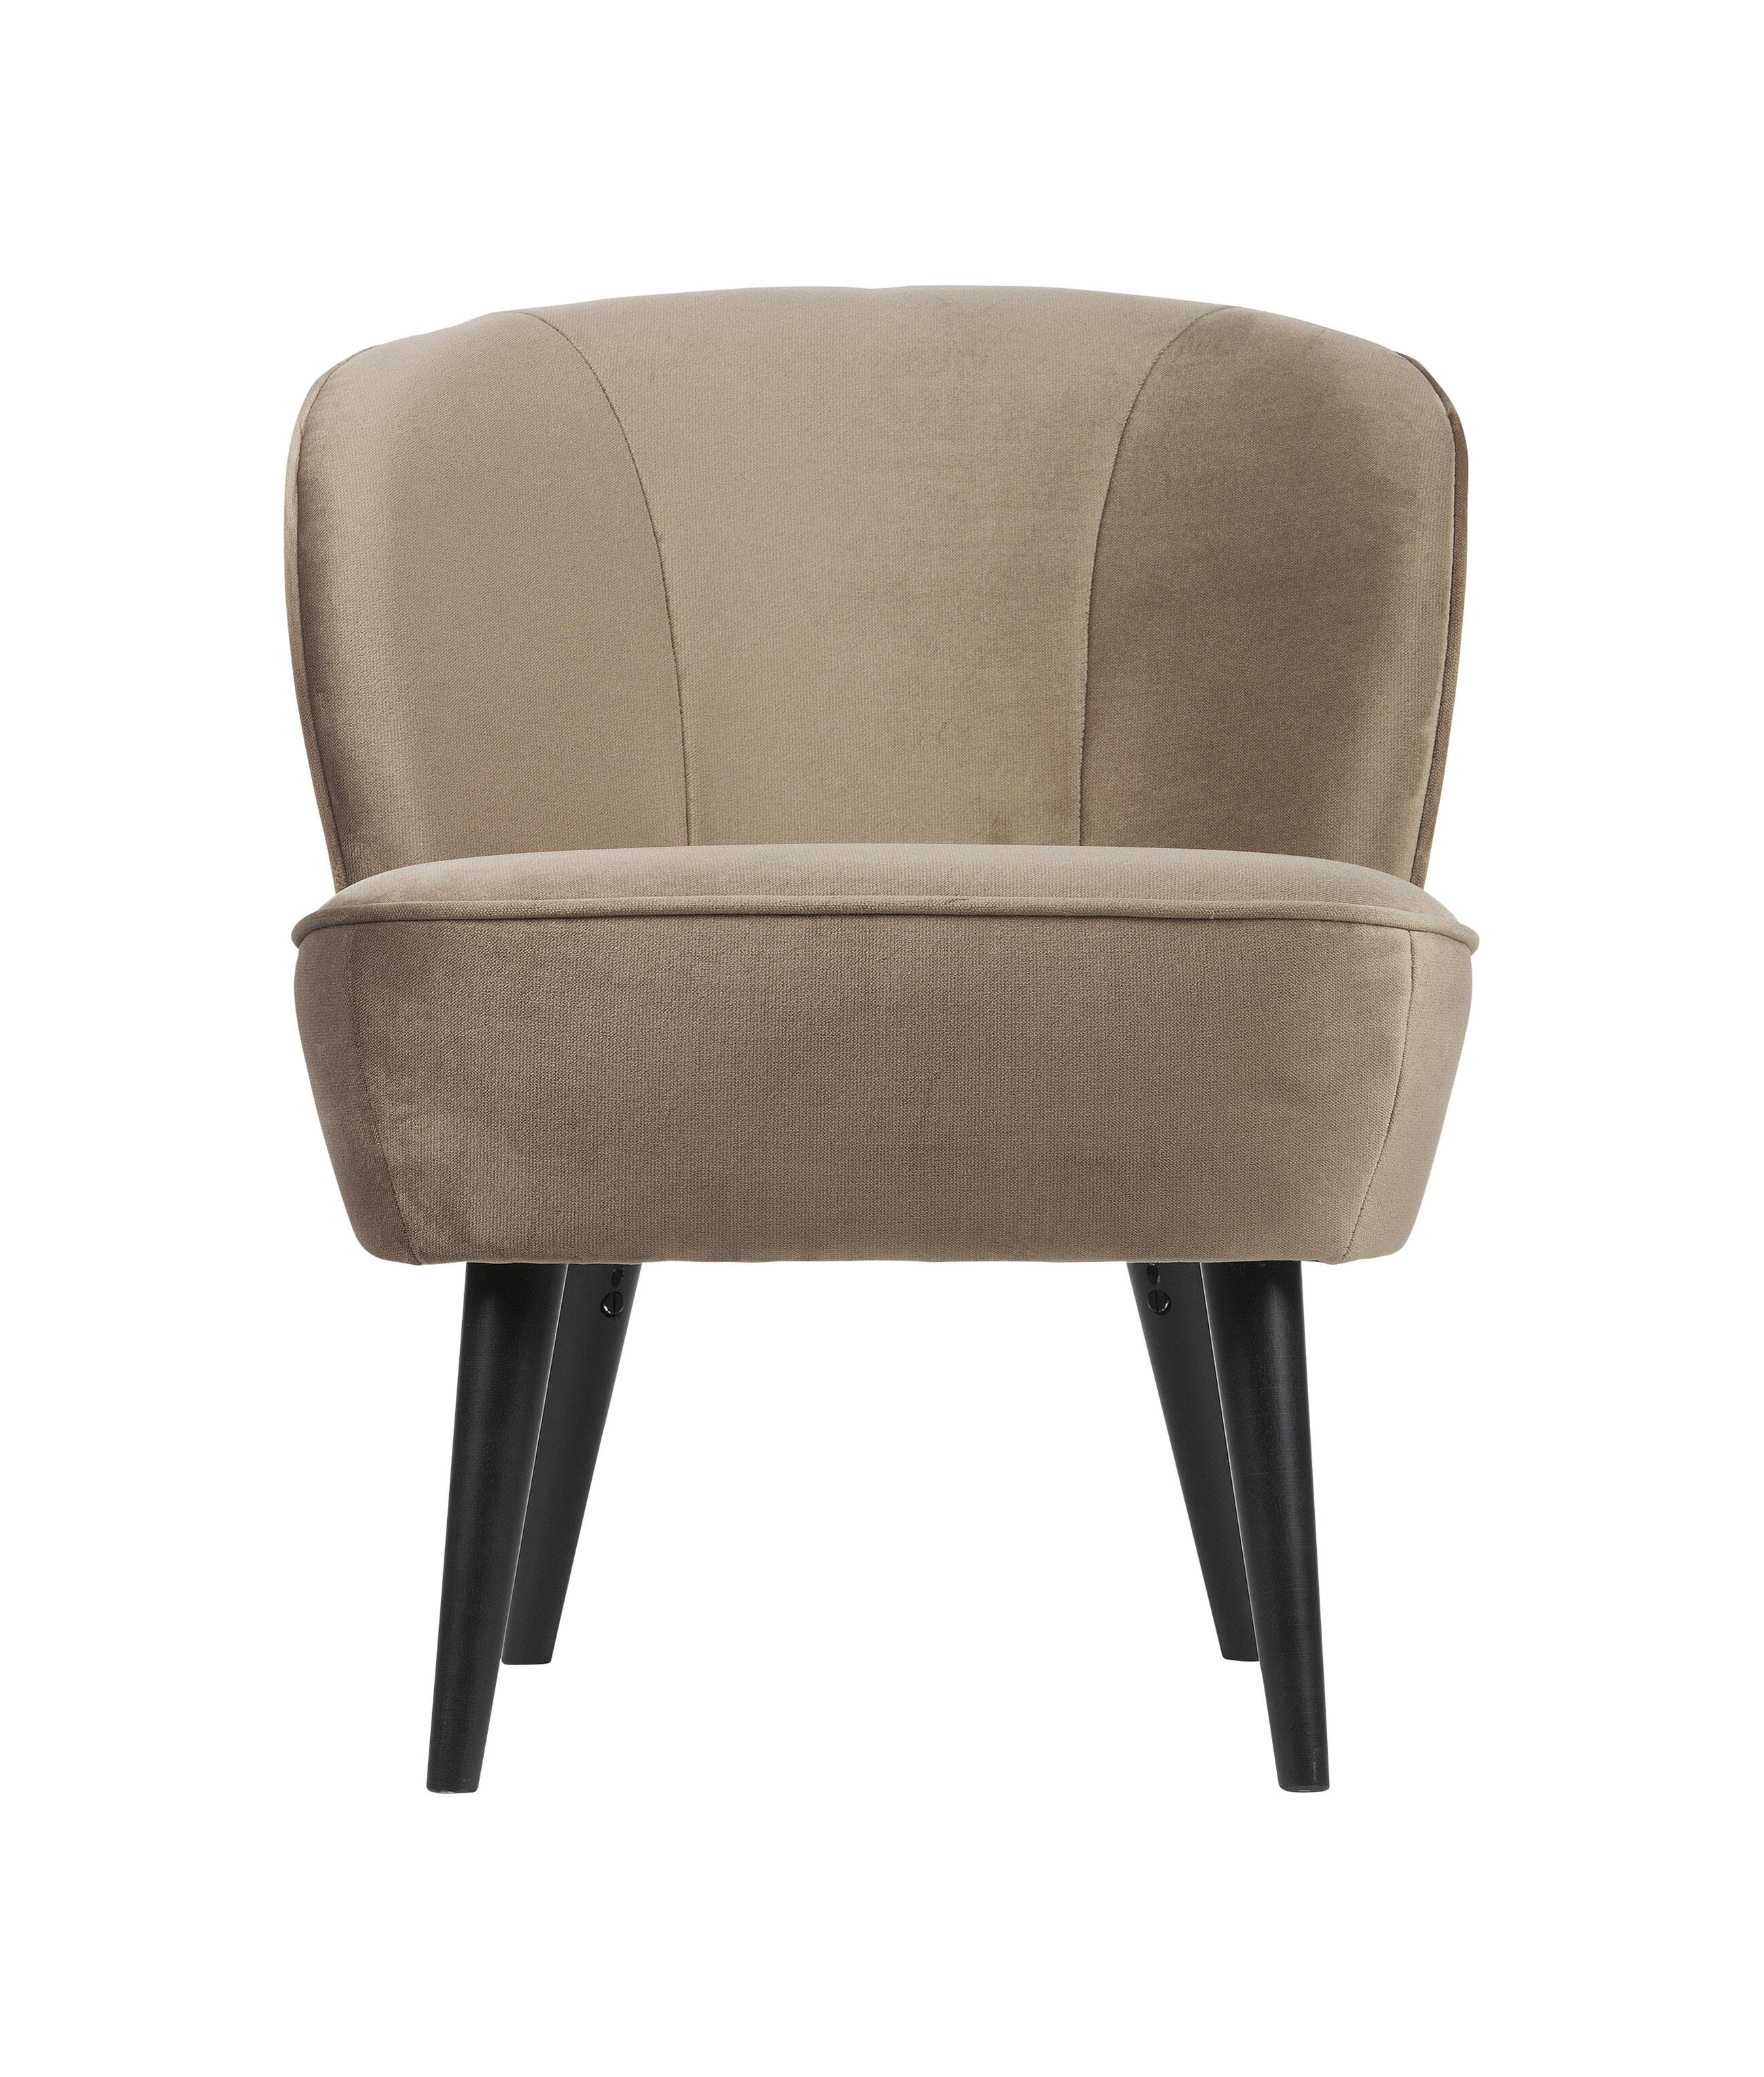 Uw partner in meubels: WOOOD Fauteuil 'Sara', kleur Goud Zitmeubelen | Fauteuils